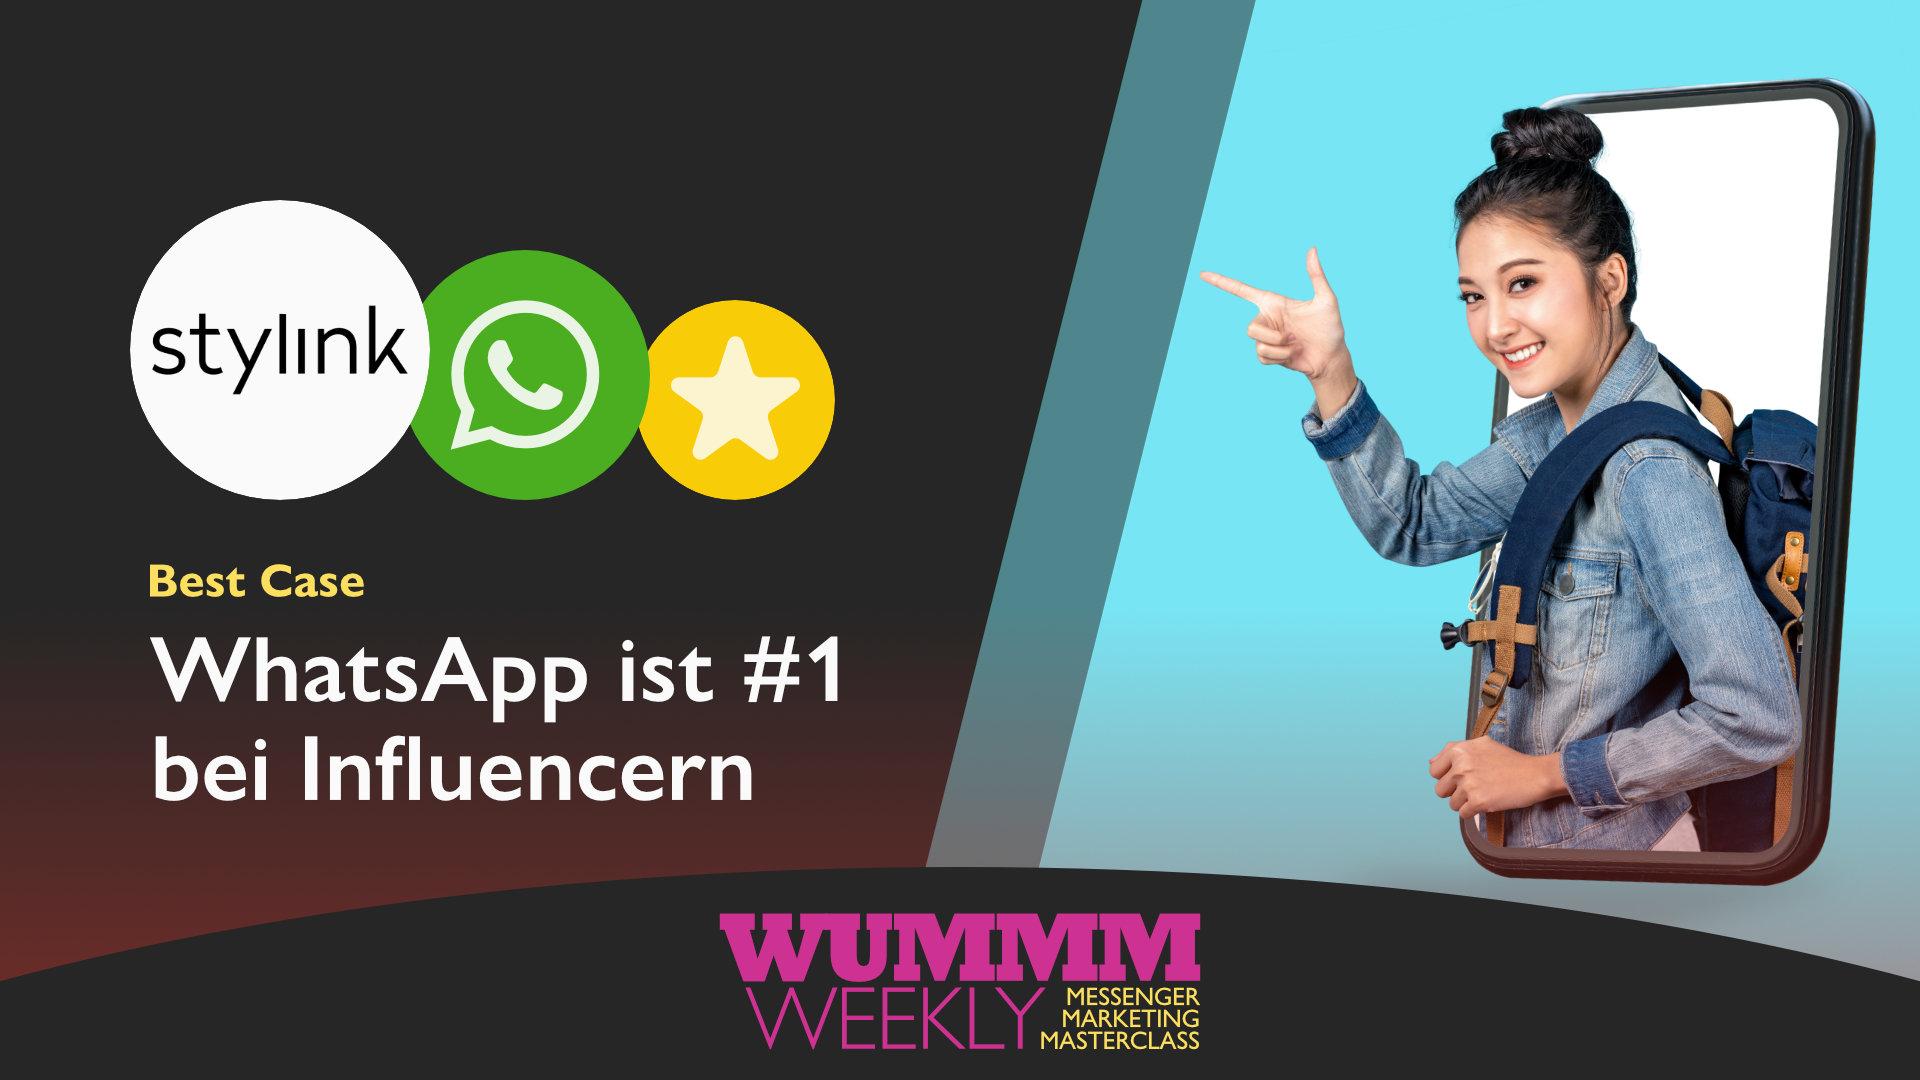 Wummm-weekly, Logo stylink, Logo WhatsApp, Best Case - WhatsApp bei Influencern